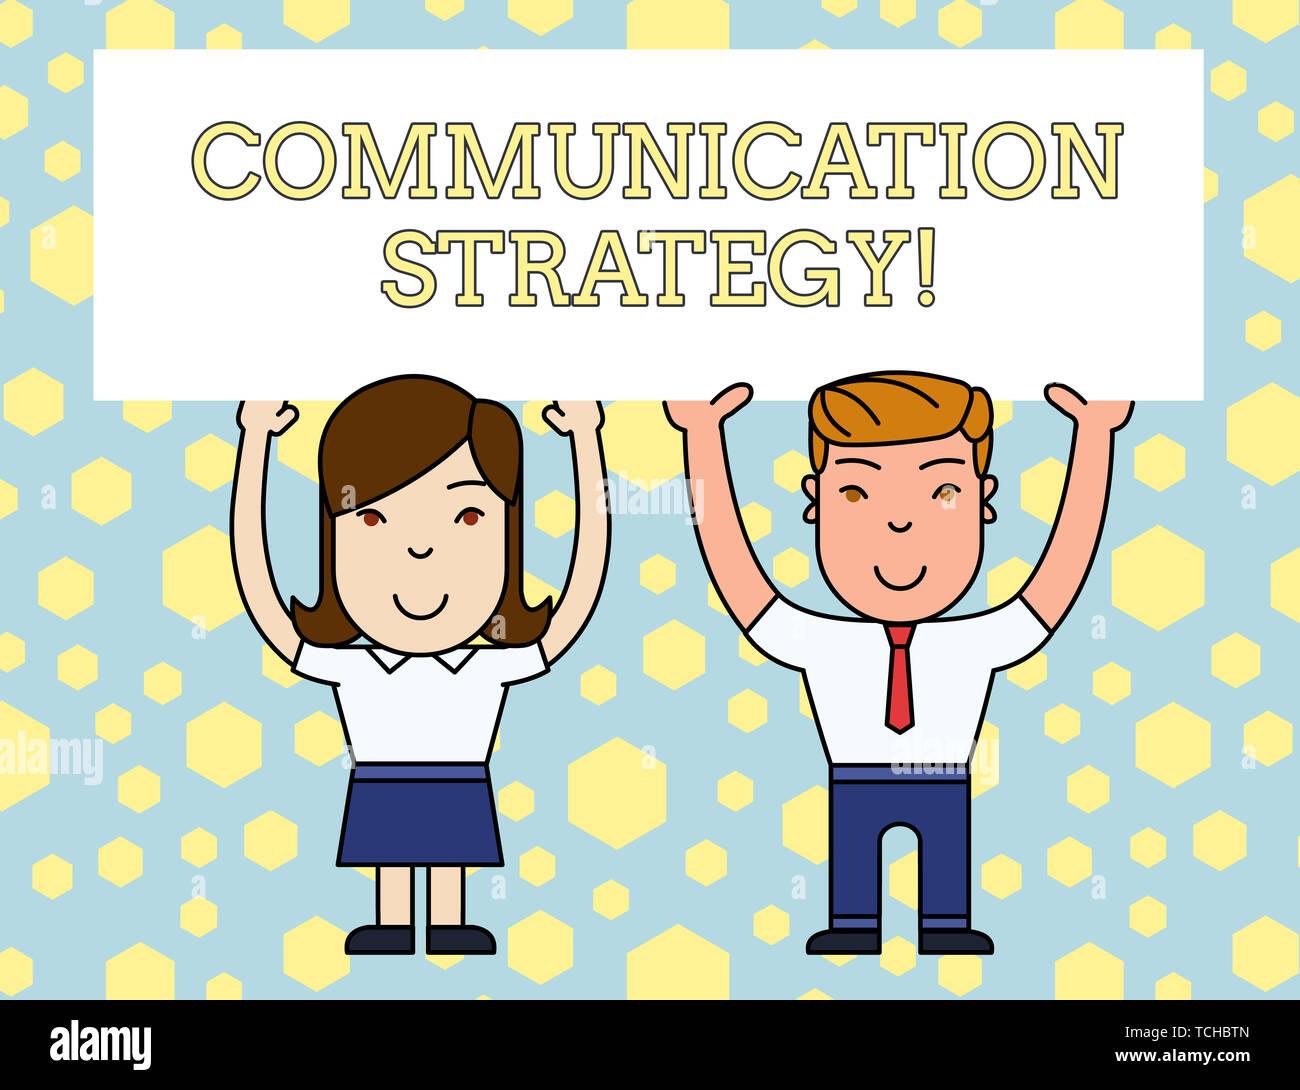 L'écriture de texte Word Stratégie de communication. Photo d'entreprise présentant les plans visuel ou non verbale verbale de l'objectif et la méthode 2 Smiling People Holding Big Photo Stock